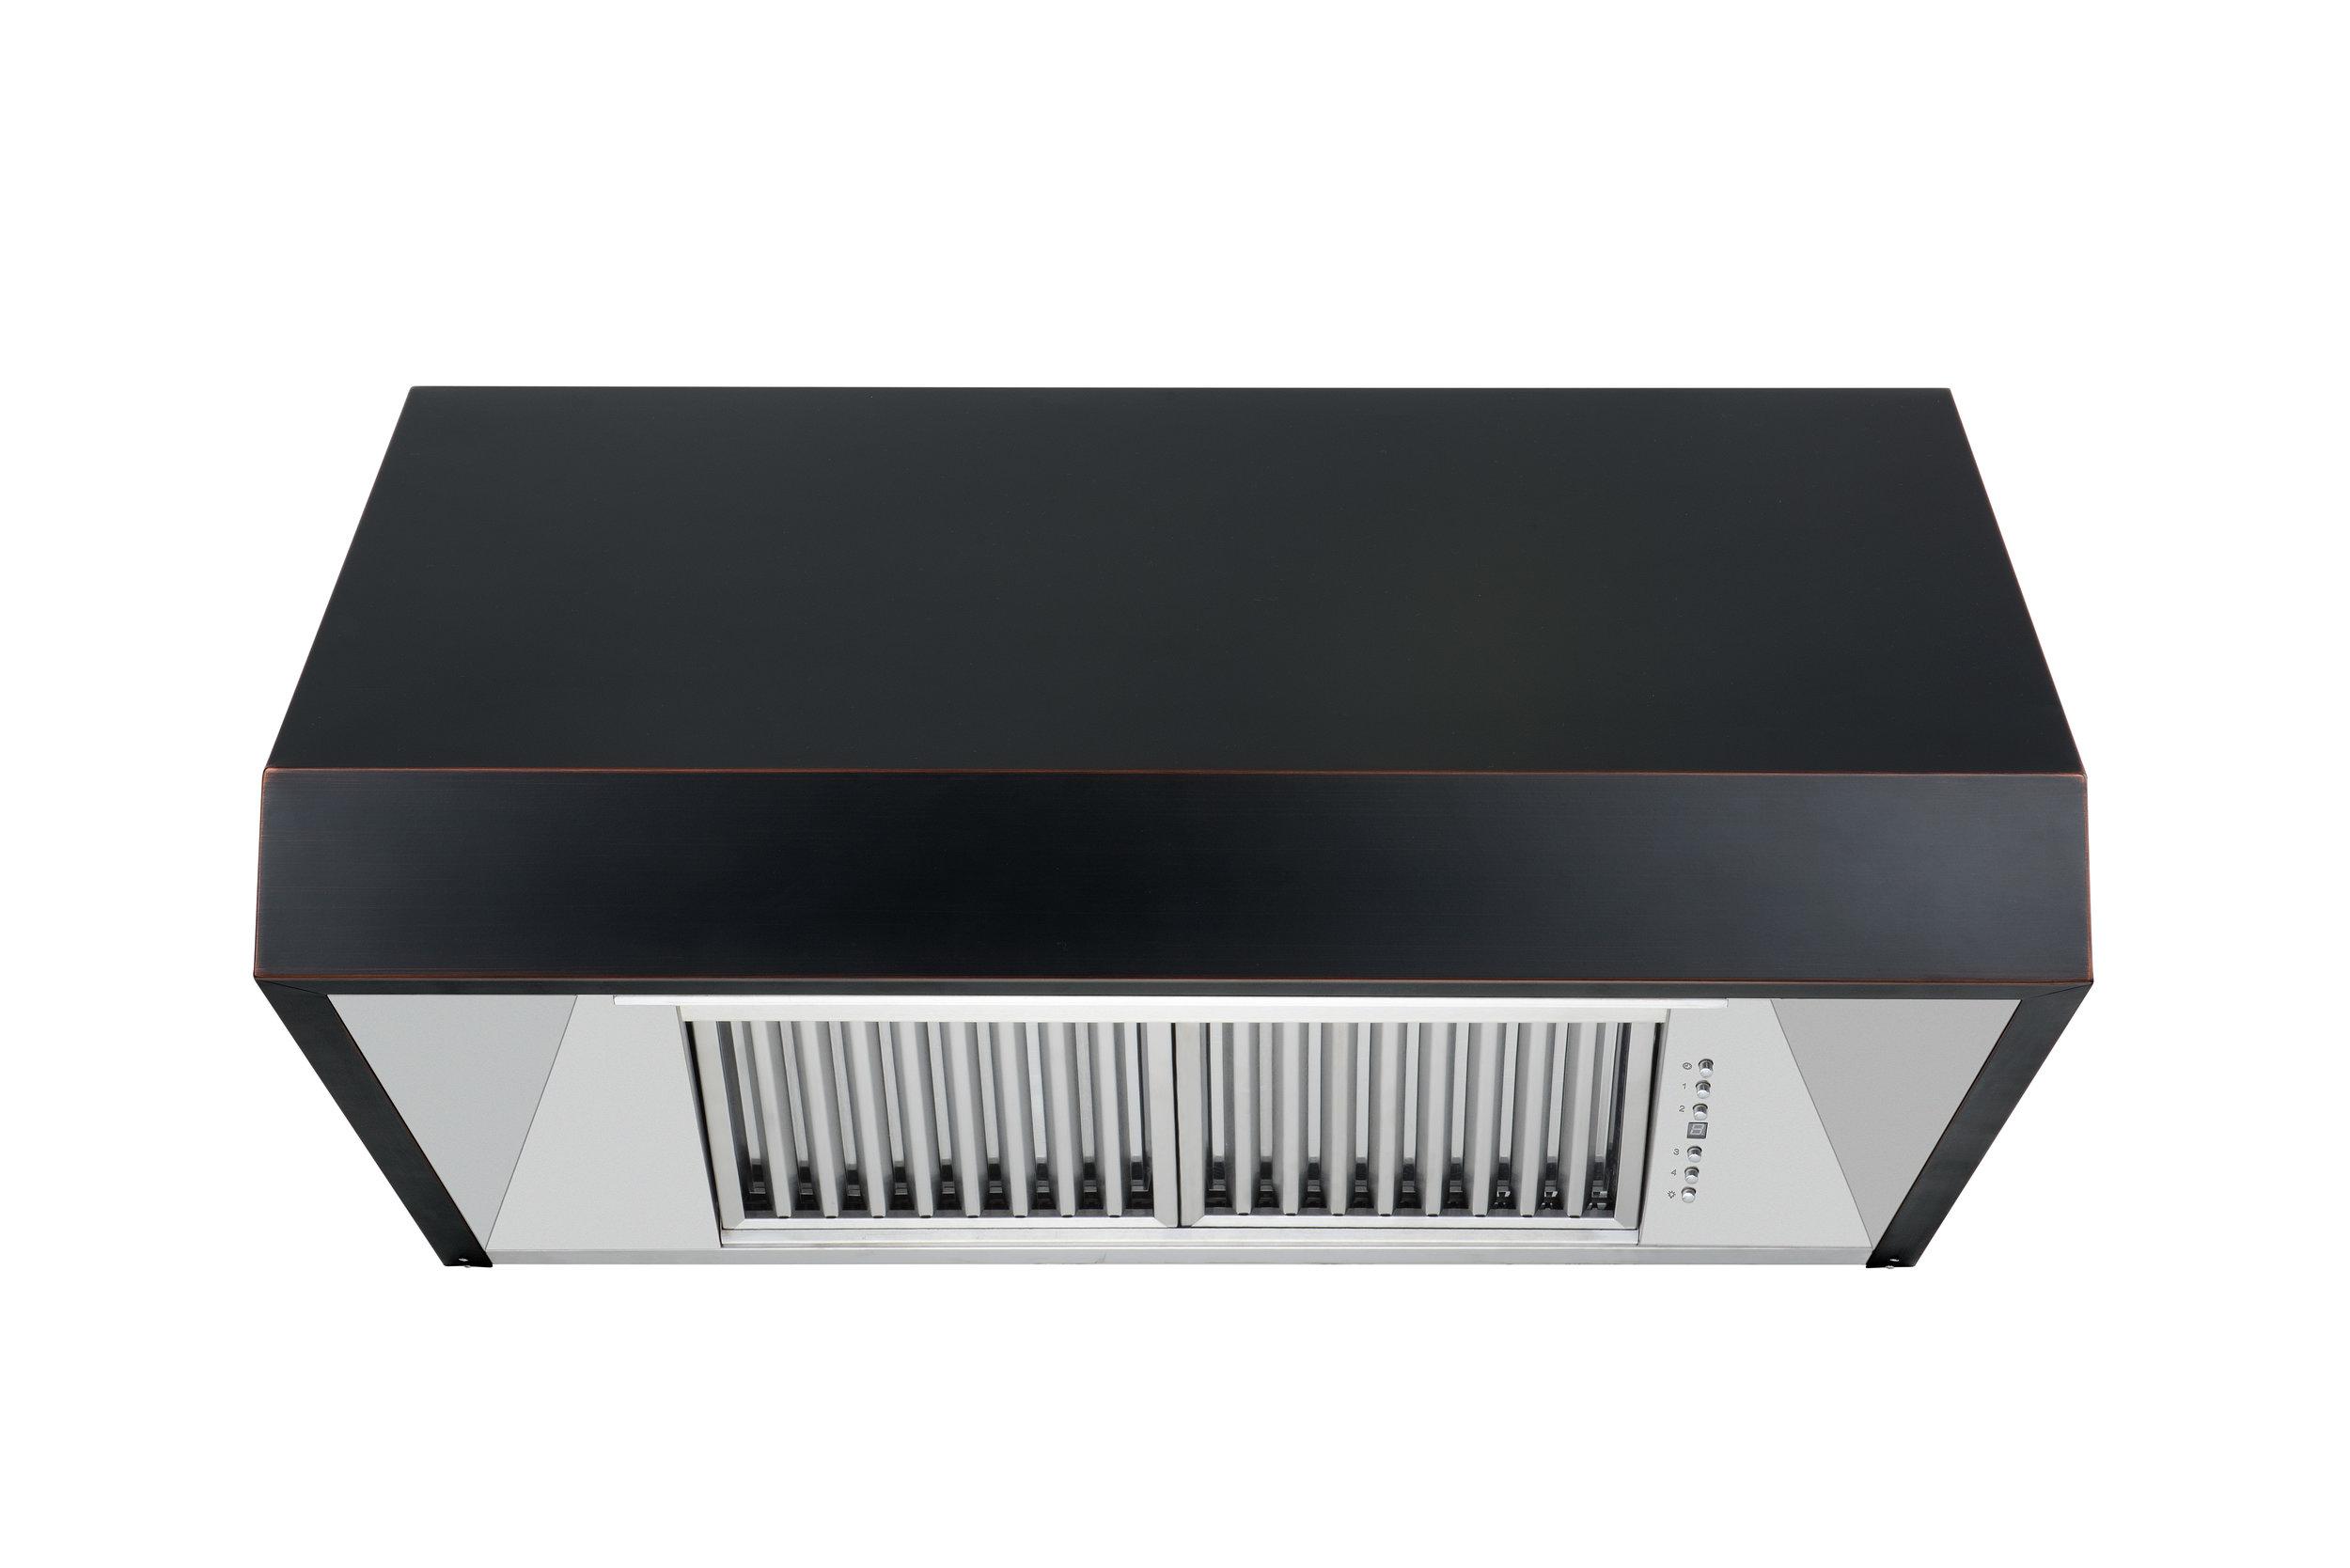 zline-black-under-cabinet-range-hood-8685B-under.jpg